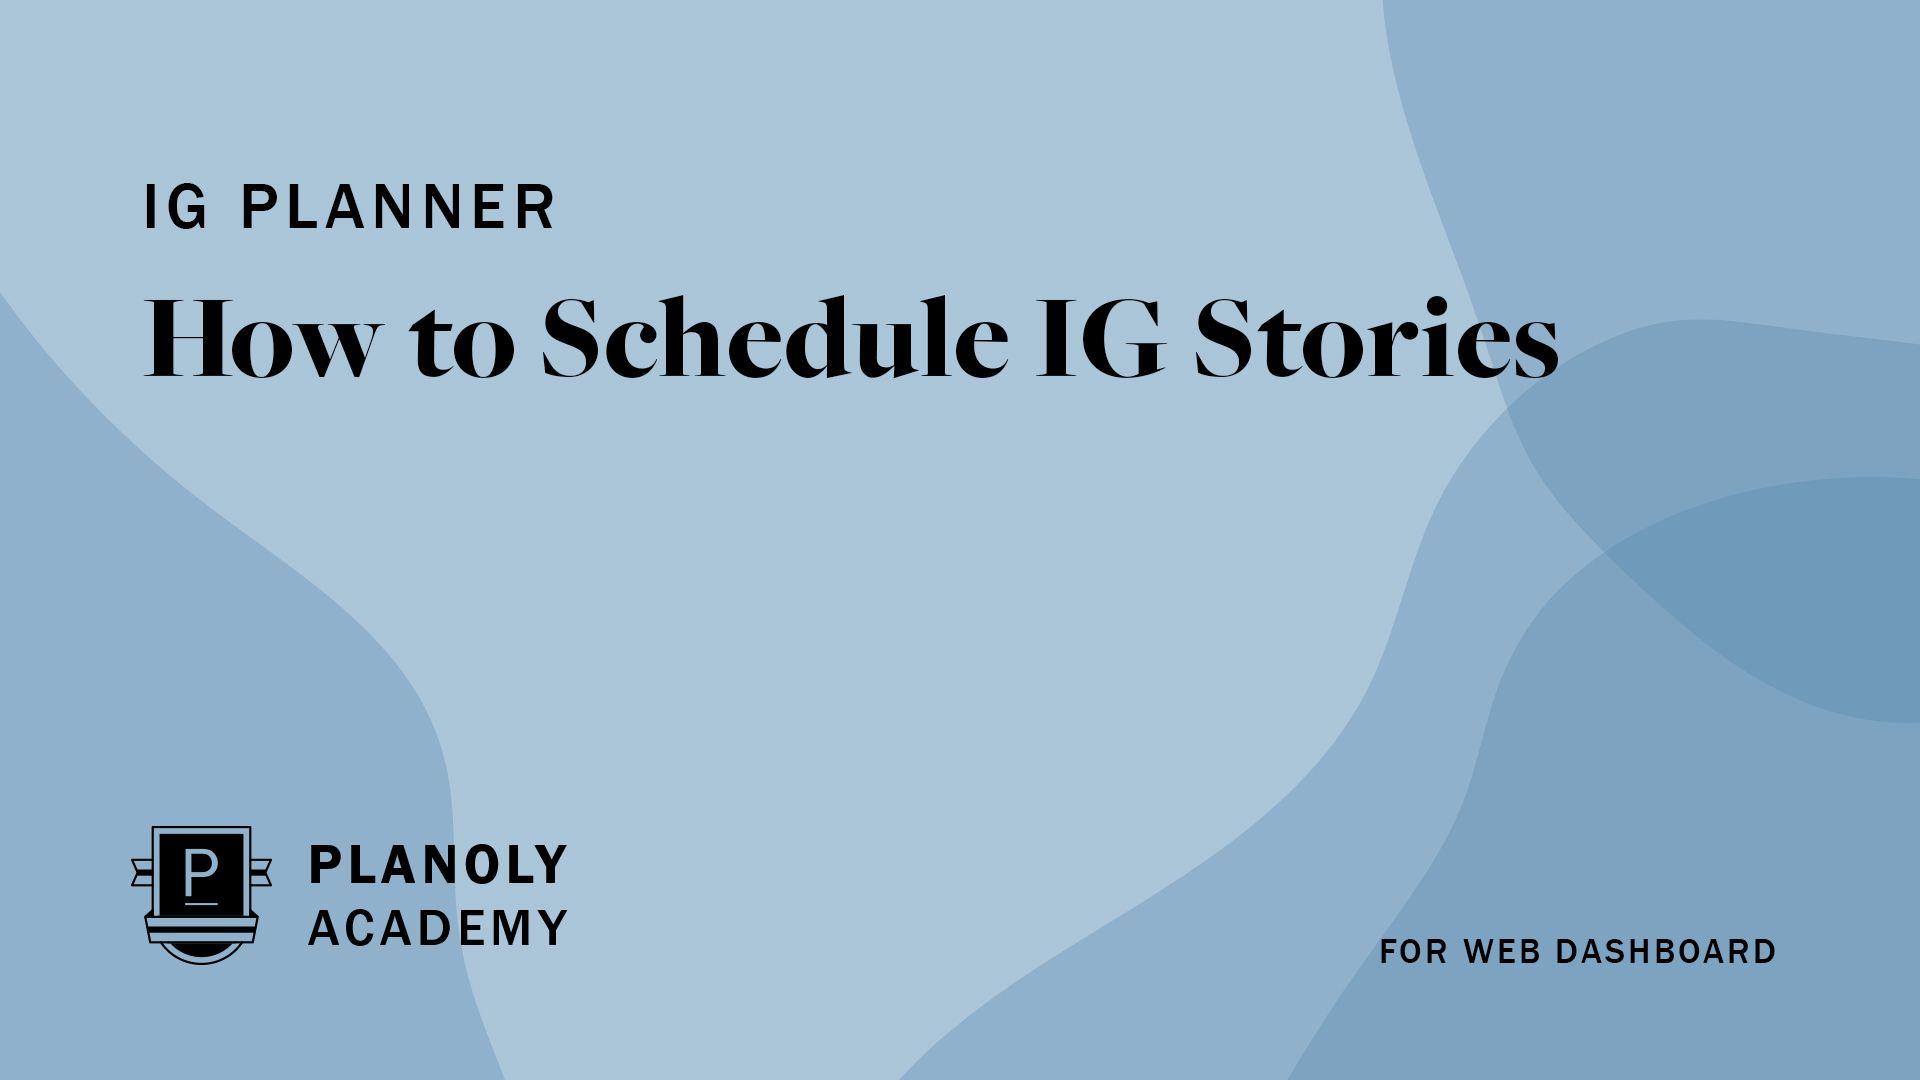 How to Schedule IG Stories